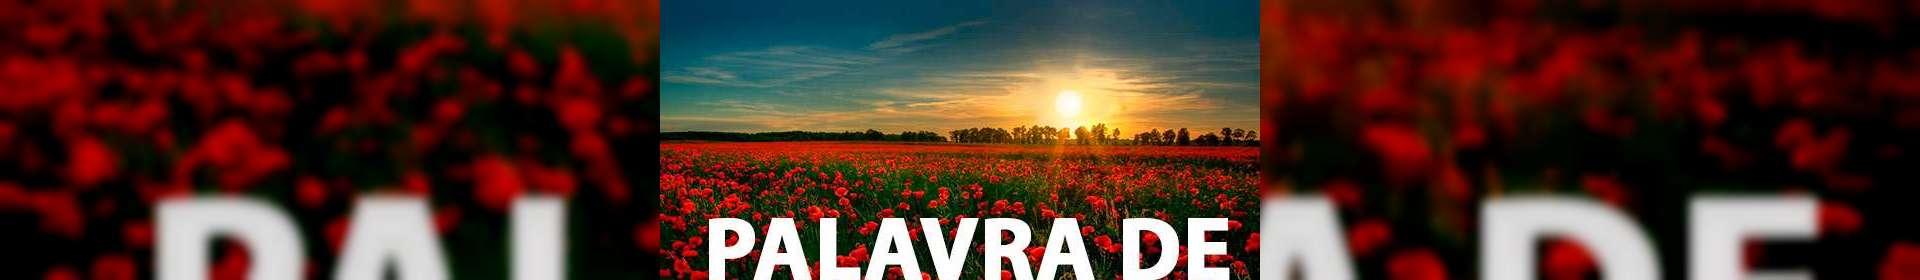 Salmos 91:15 - Uma Palavra de Esperança para sua vida